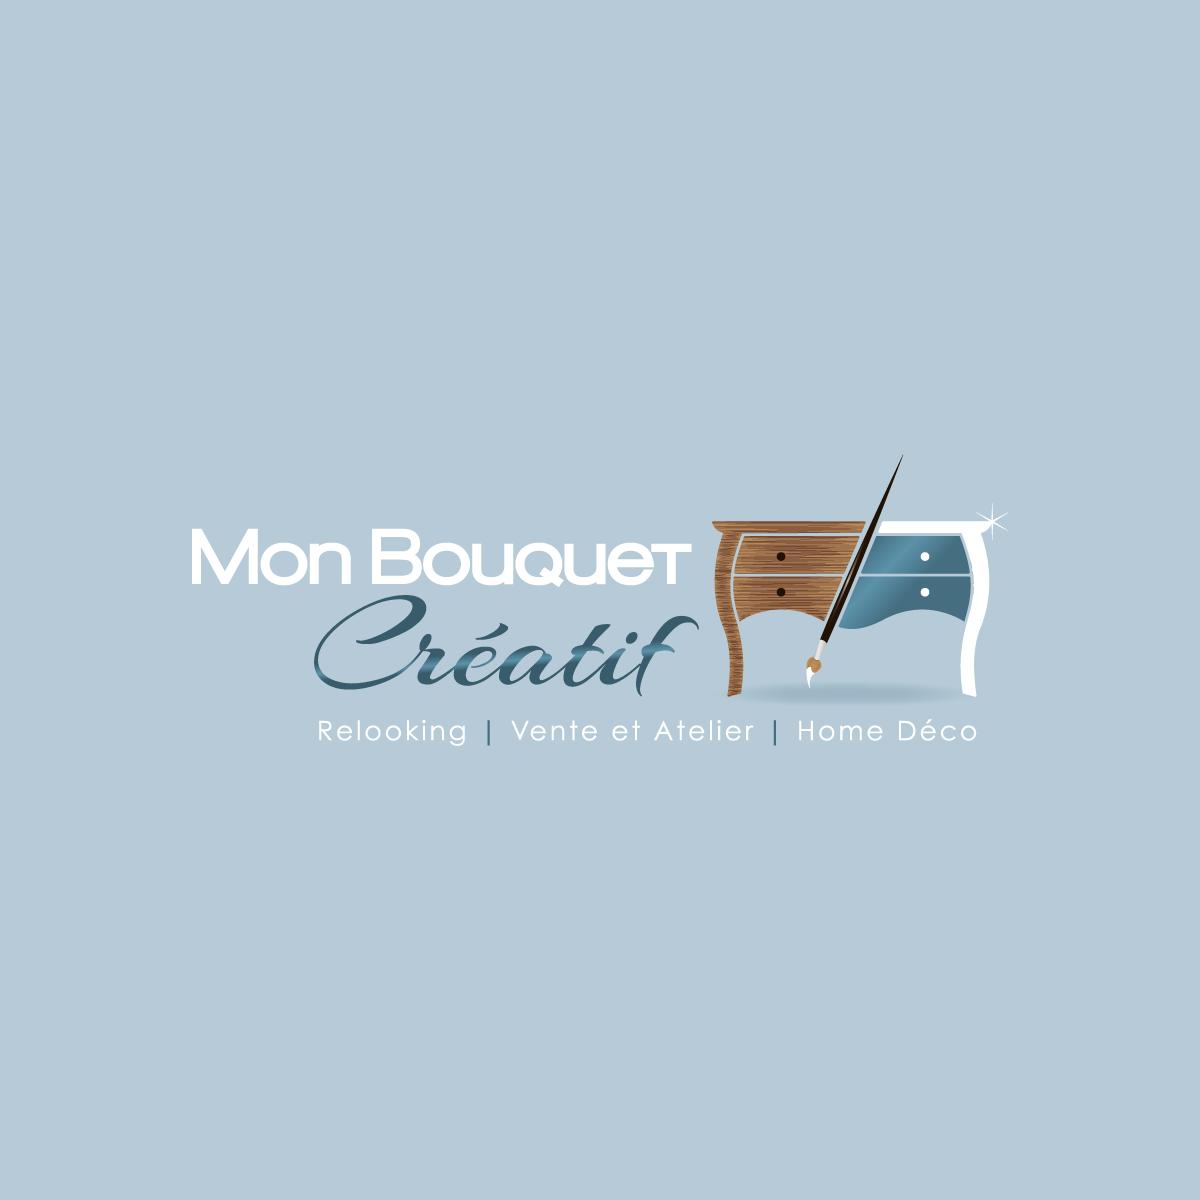 mon-bouquet-creatif-logo